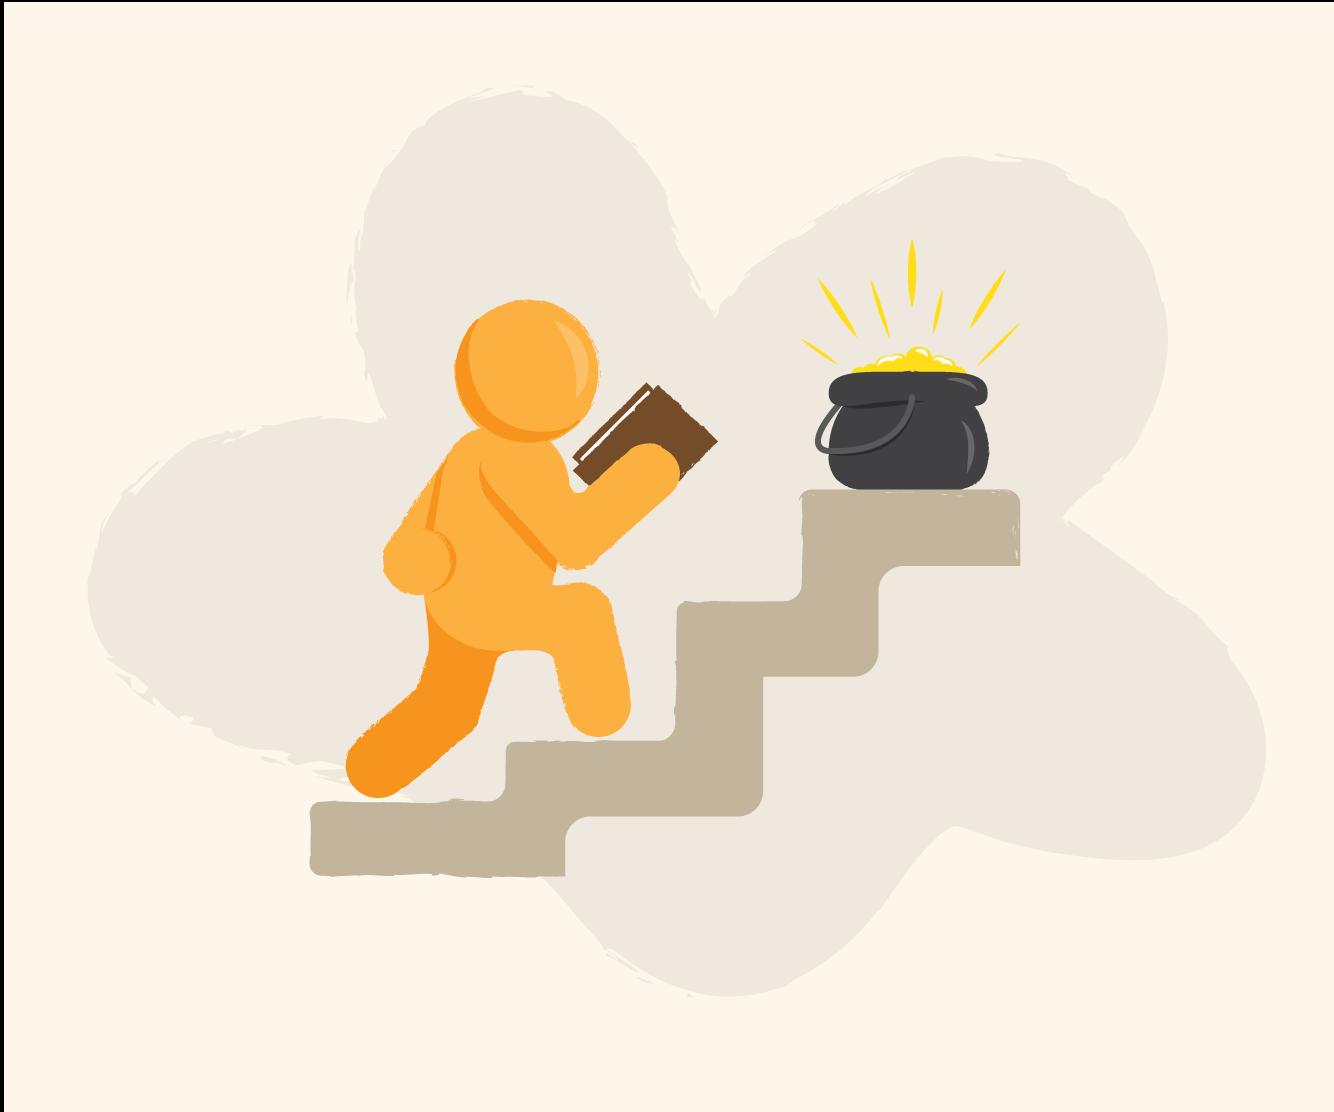 teamfluent-blogpost-illustration-14